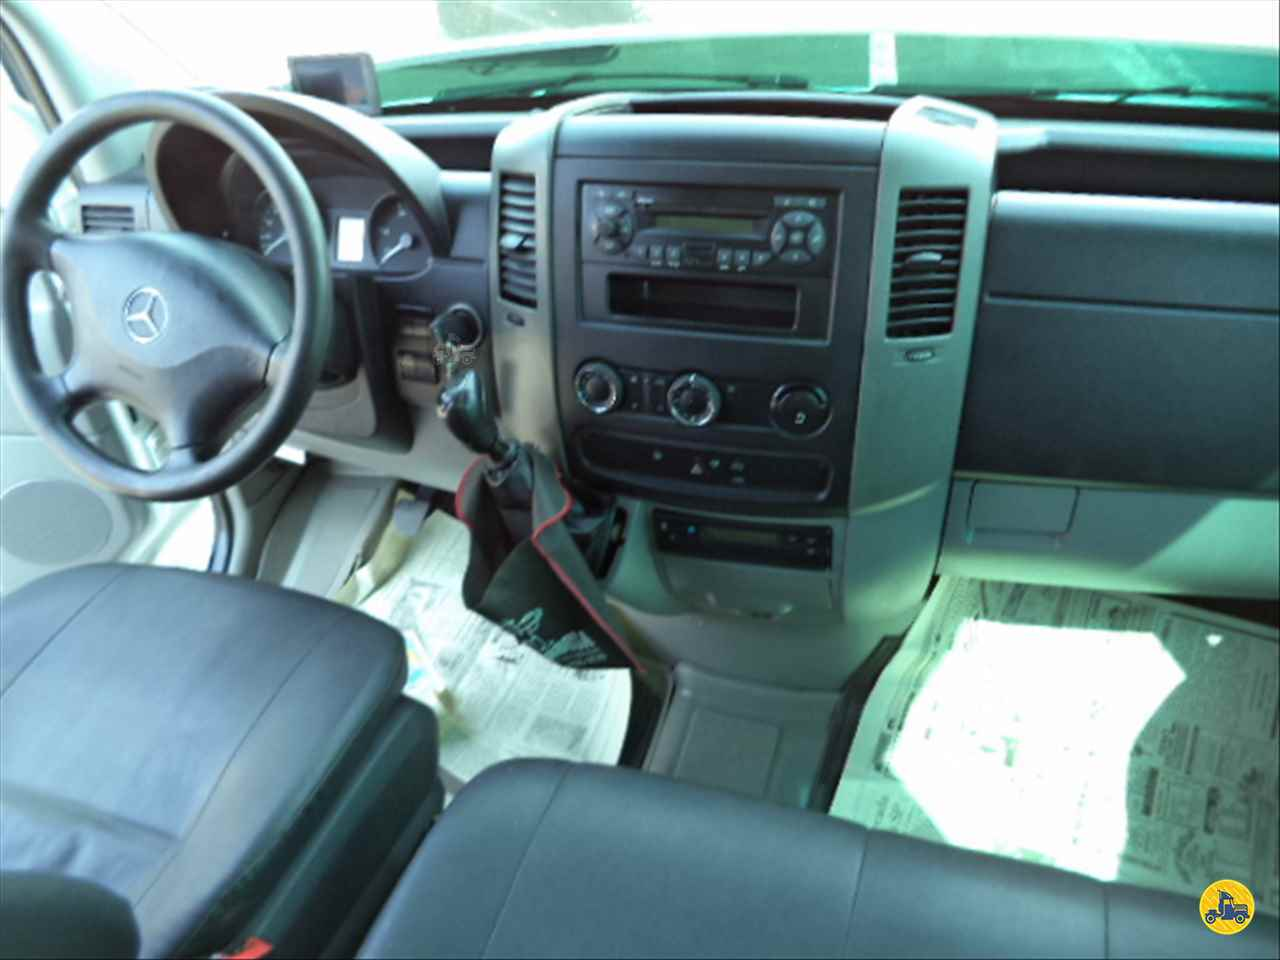 MERCEDES-BENZ Sprinter VAN 415 358000km 2014/2015 Nego Véio Caminhões e Ônibus